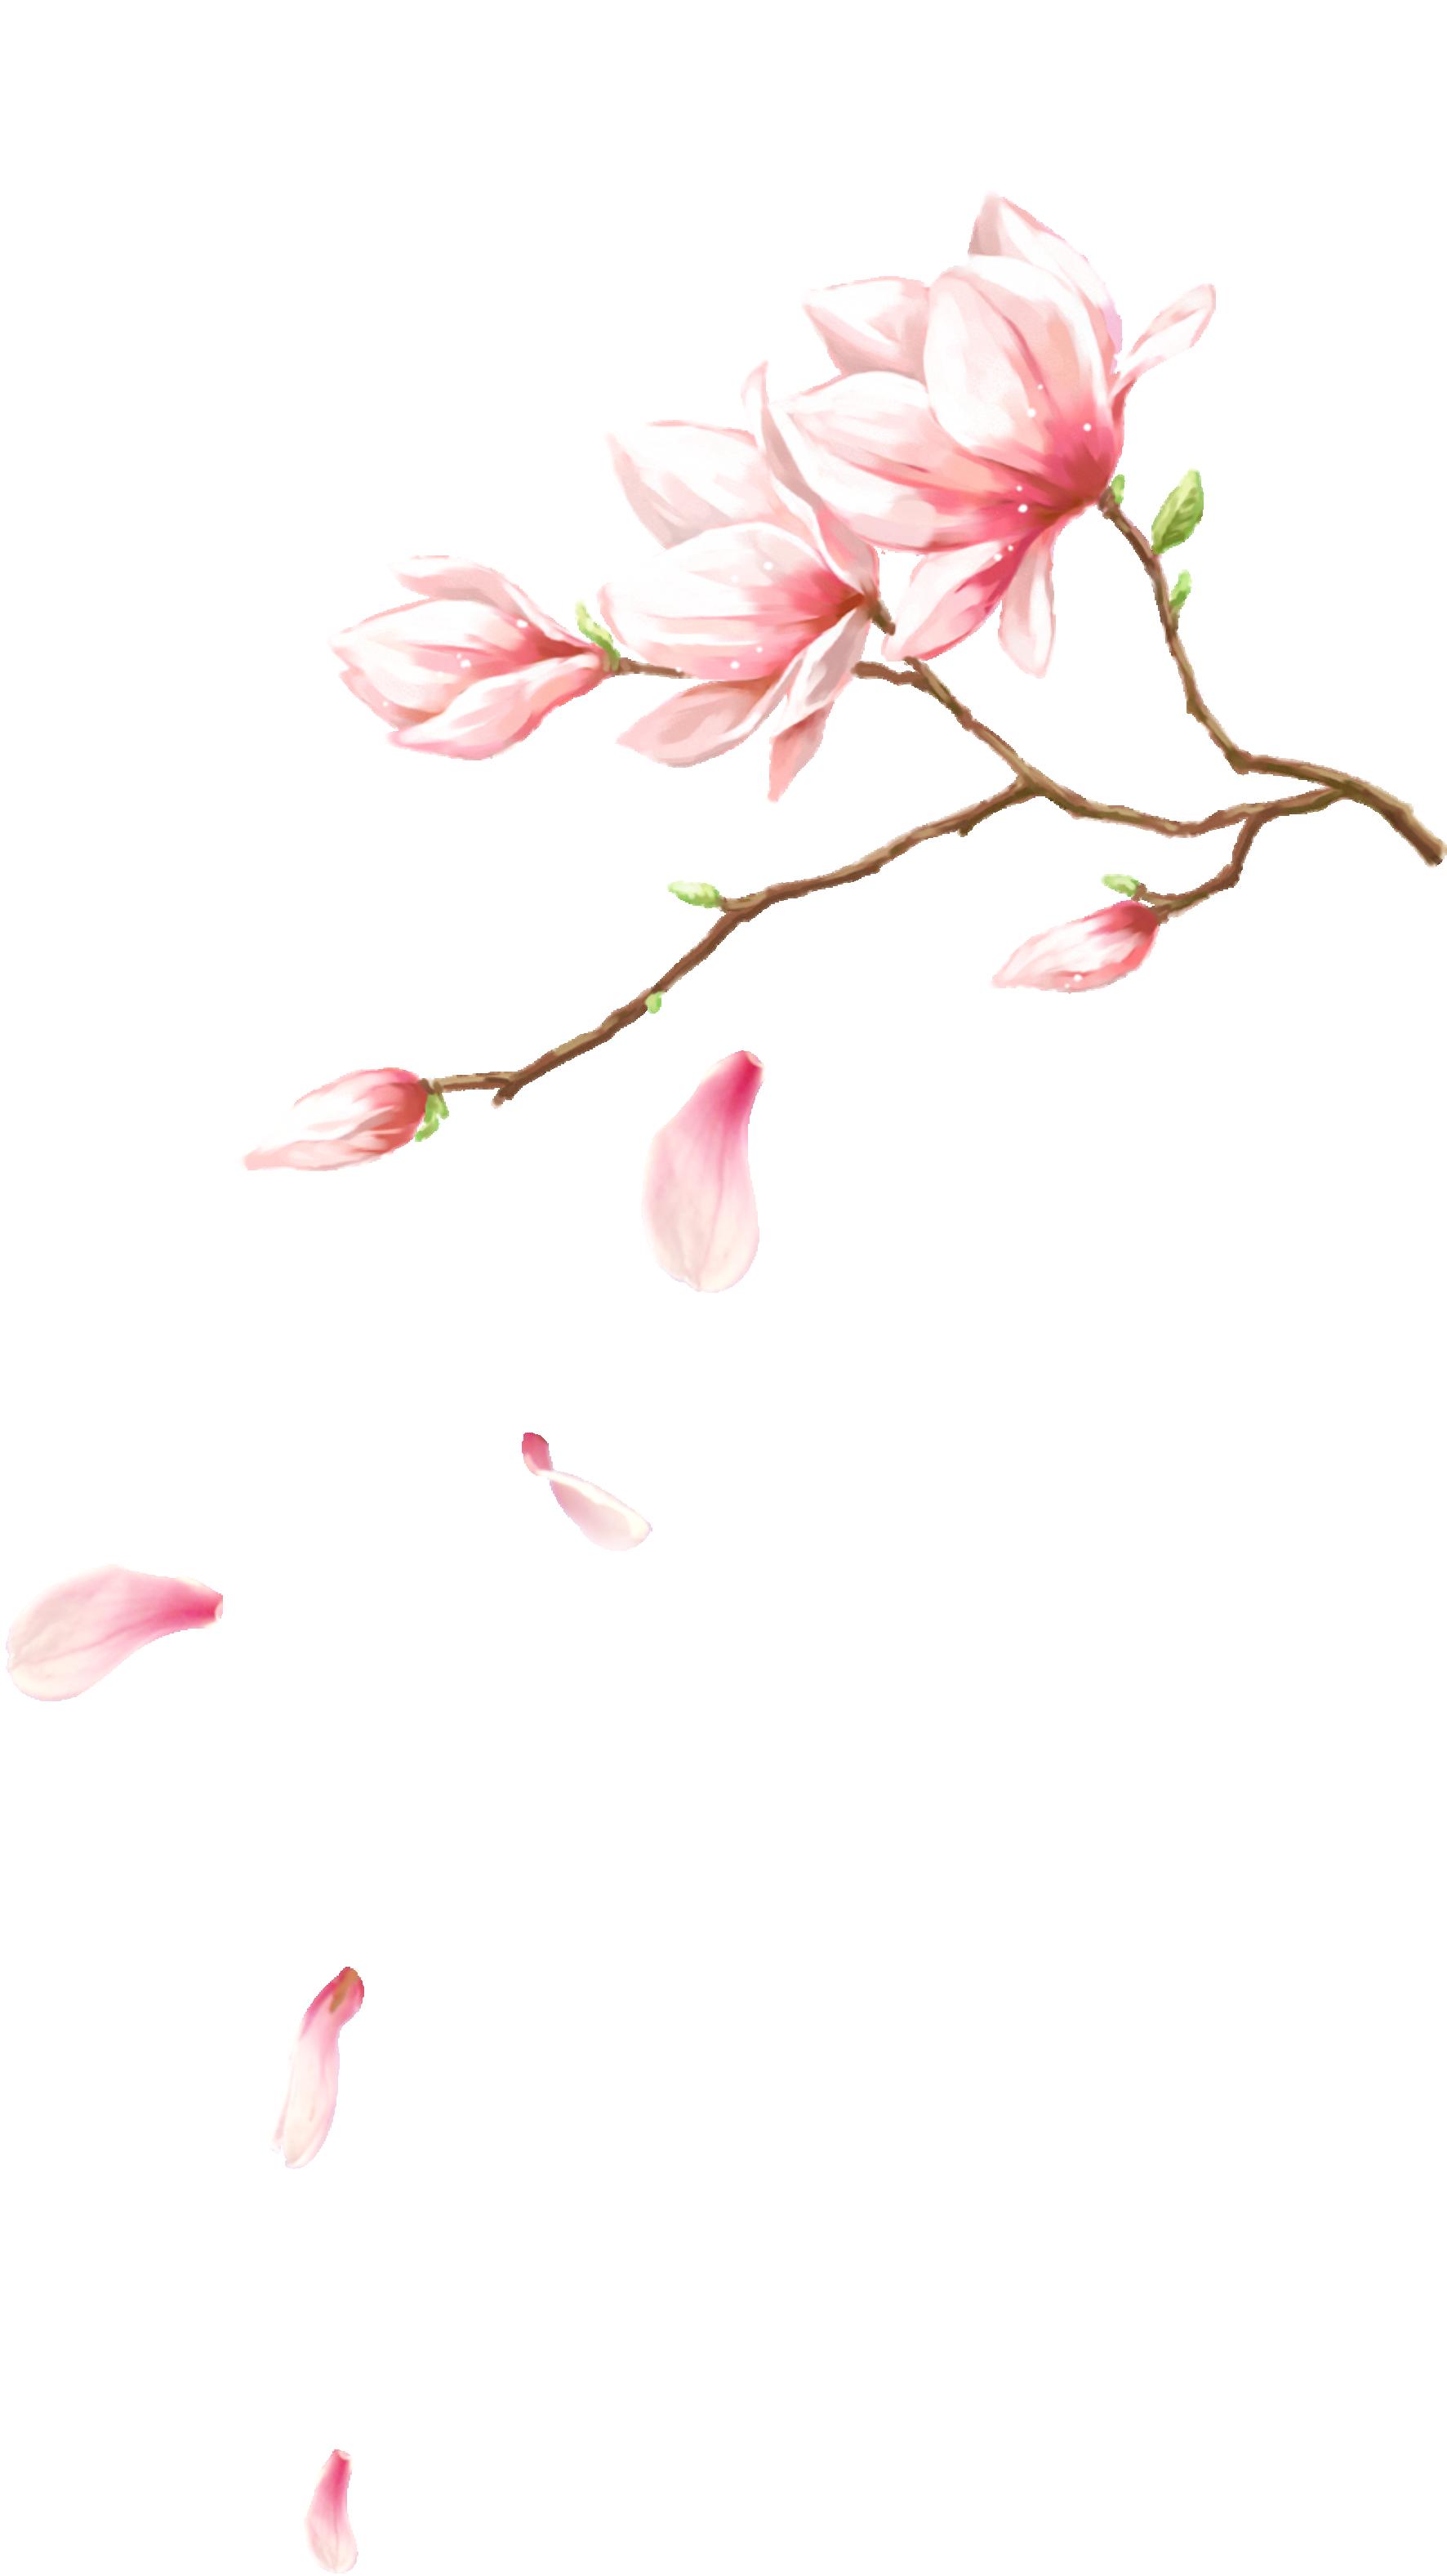 Hình ảnh cánh hoa đào nở